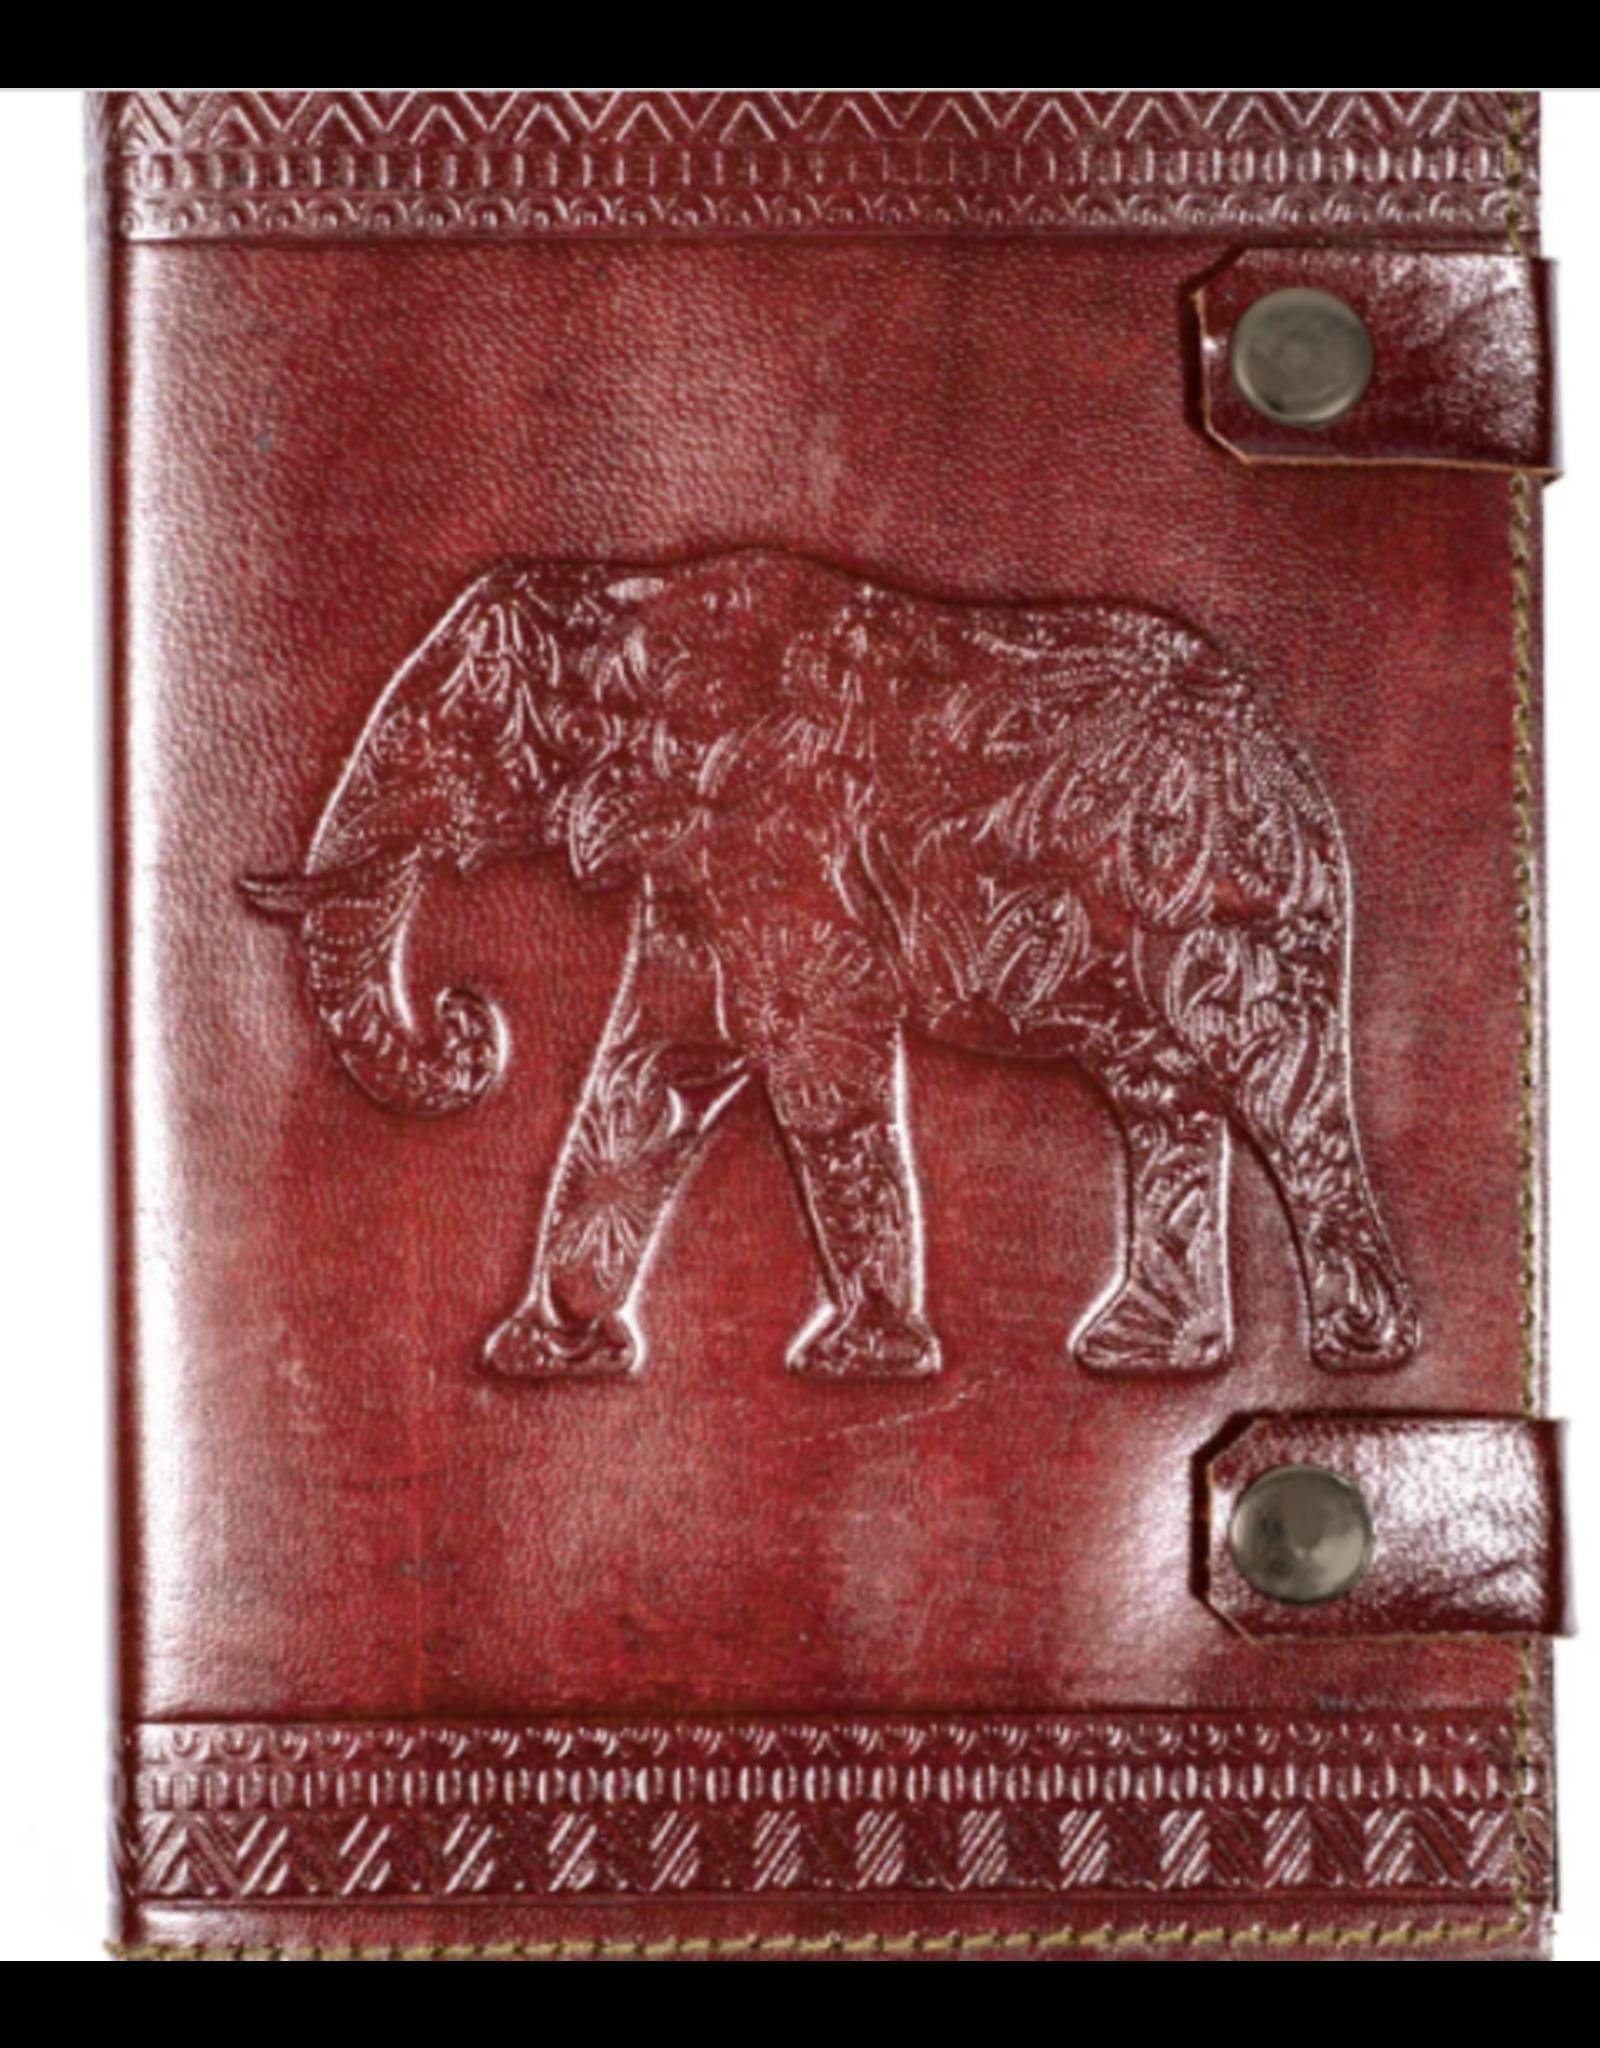 India, Elephant Journal